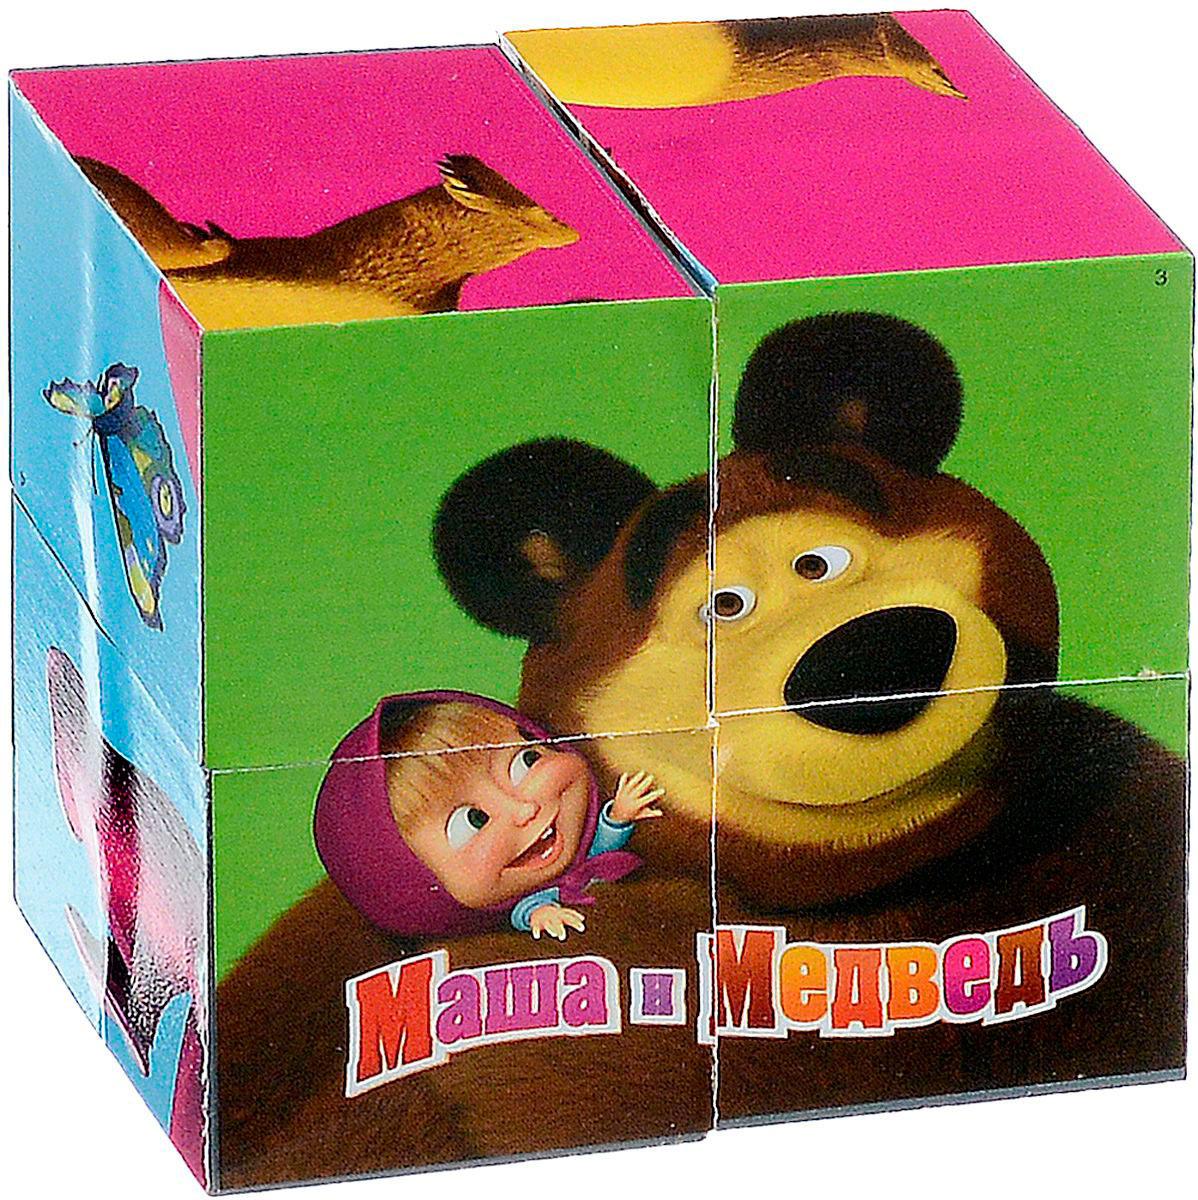 4 развивающих кубика - Маша и медведьКубики<br>4 развивающих кубика - Маша и медведь<br>